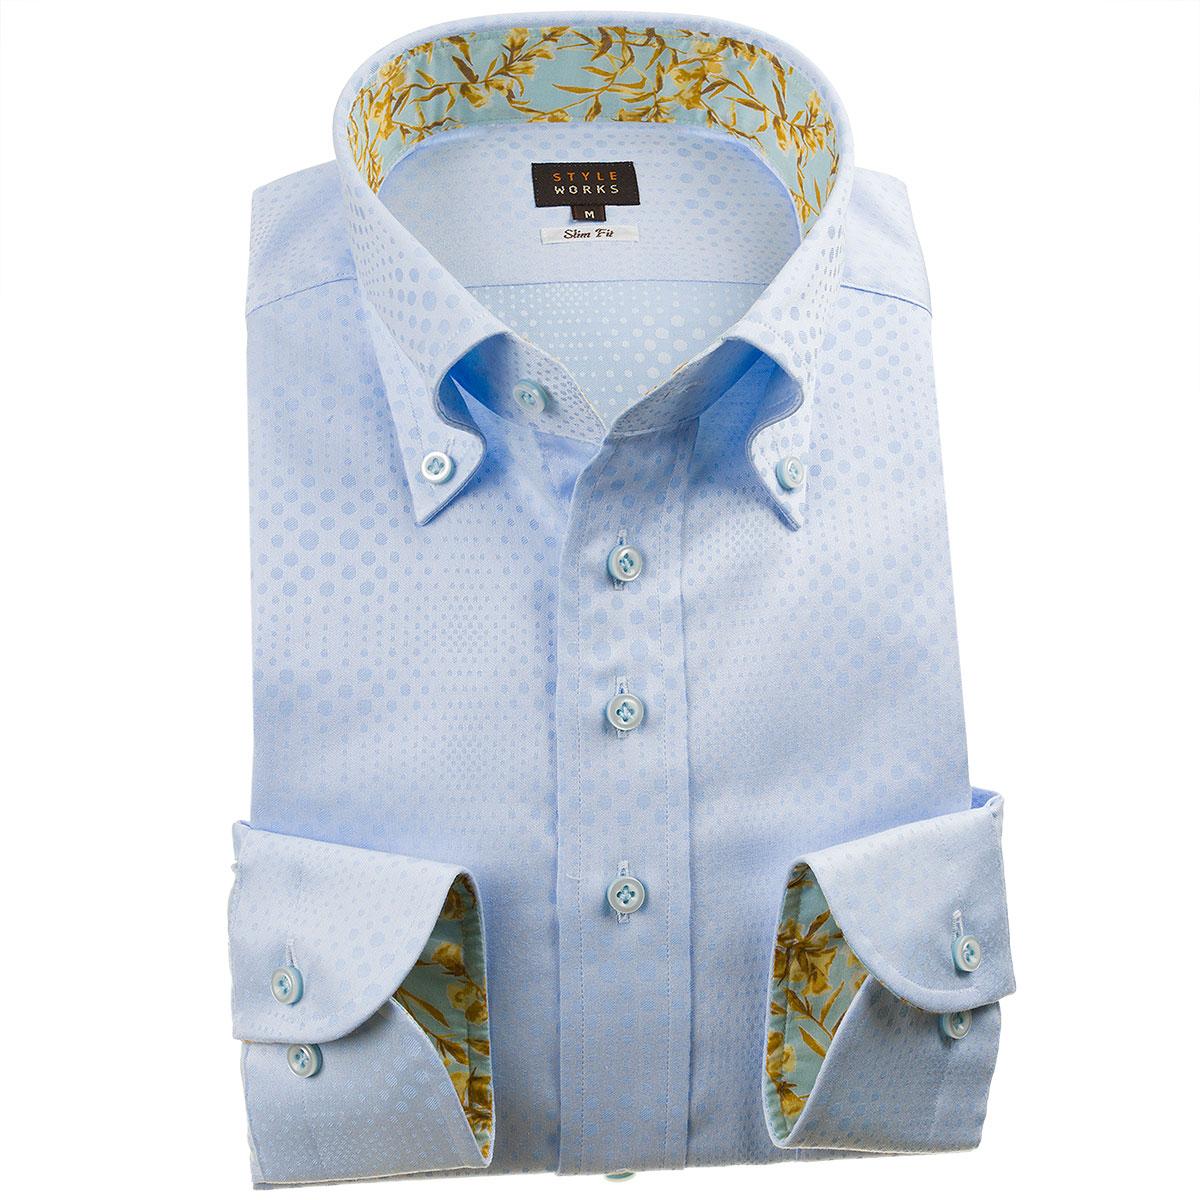 ドレスシャツ ワイシャツ シャツ メンズ 国産 長袖 綿100% スリムフィット ボタンダウン ジャガード グラデーションシャワースポットドット スカイブルー 1912【Sサイズ・裄丈81cm】